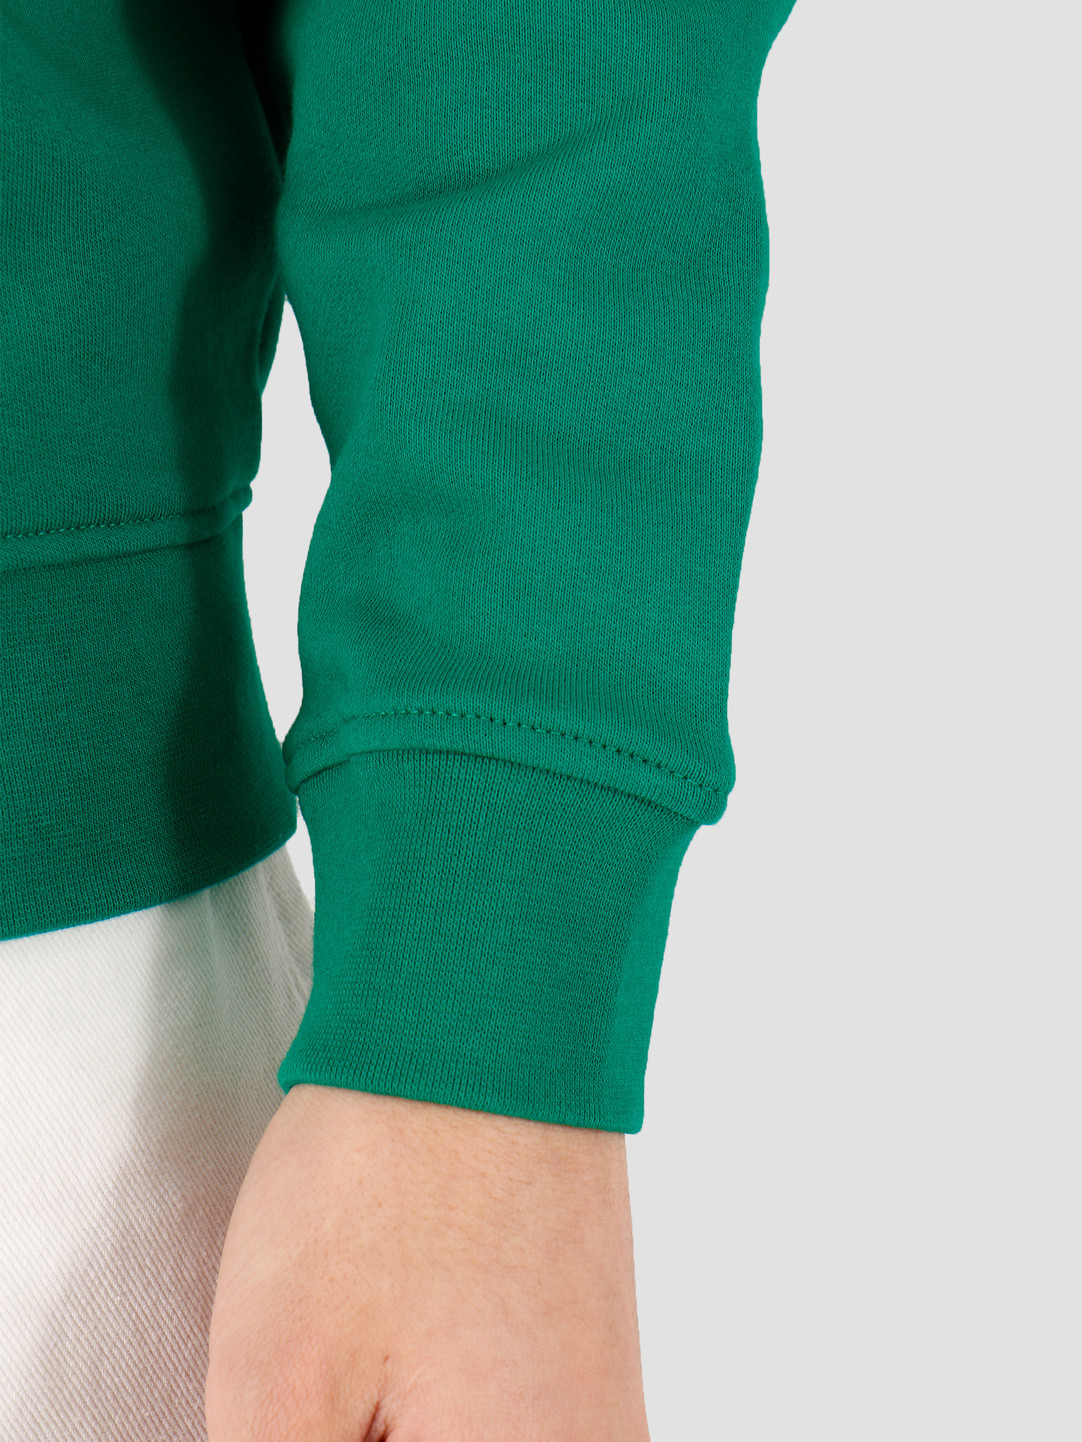 Lacoste Lacoste 1HS1 Men's sweatshirt 01 Yucca SH7613-01